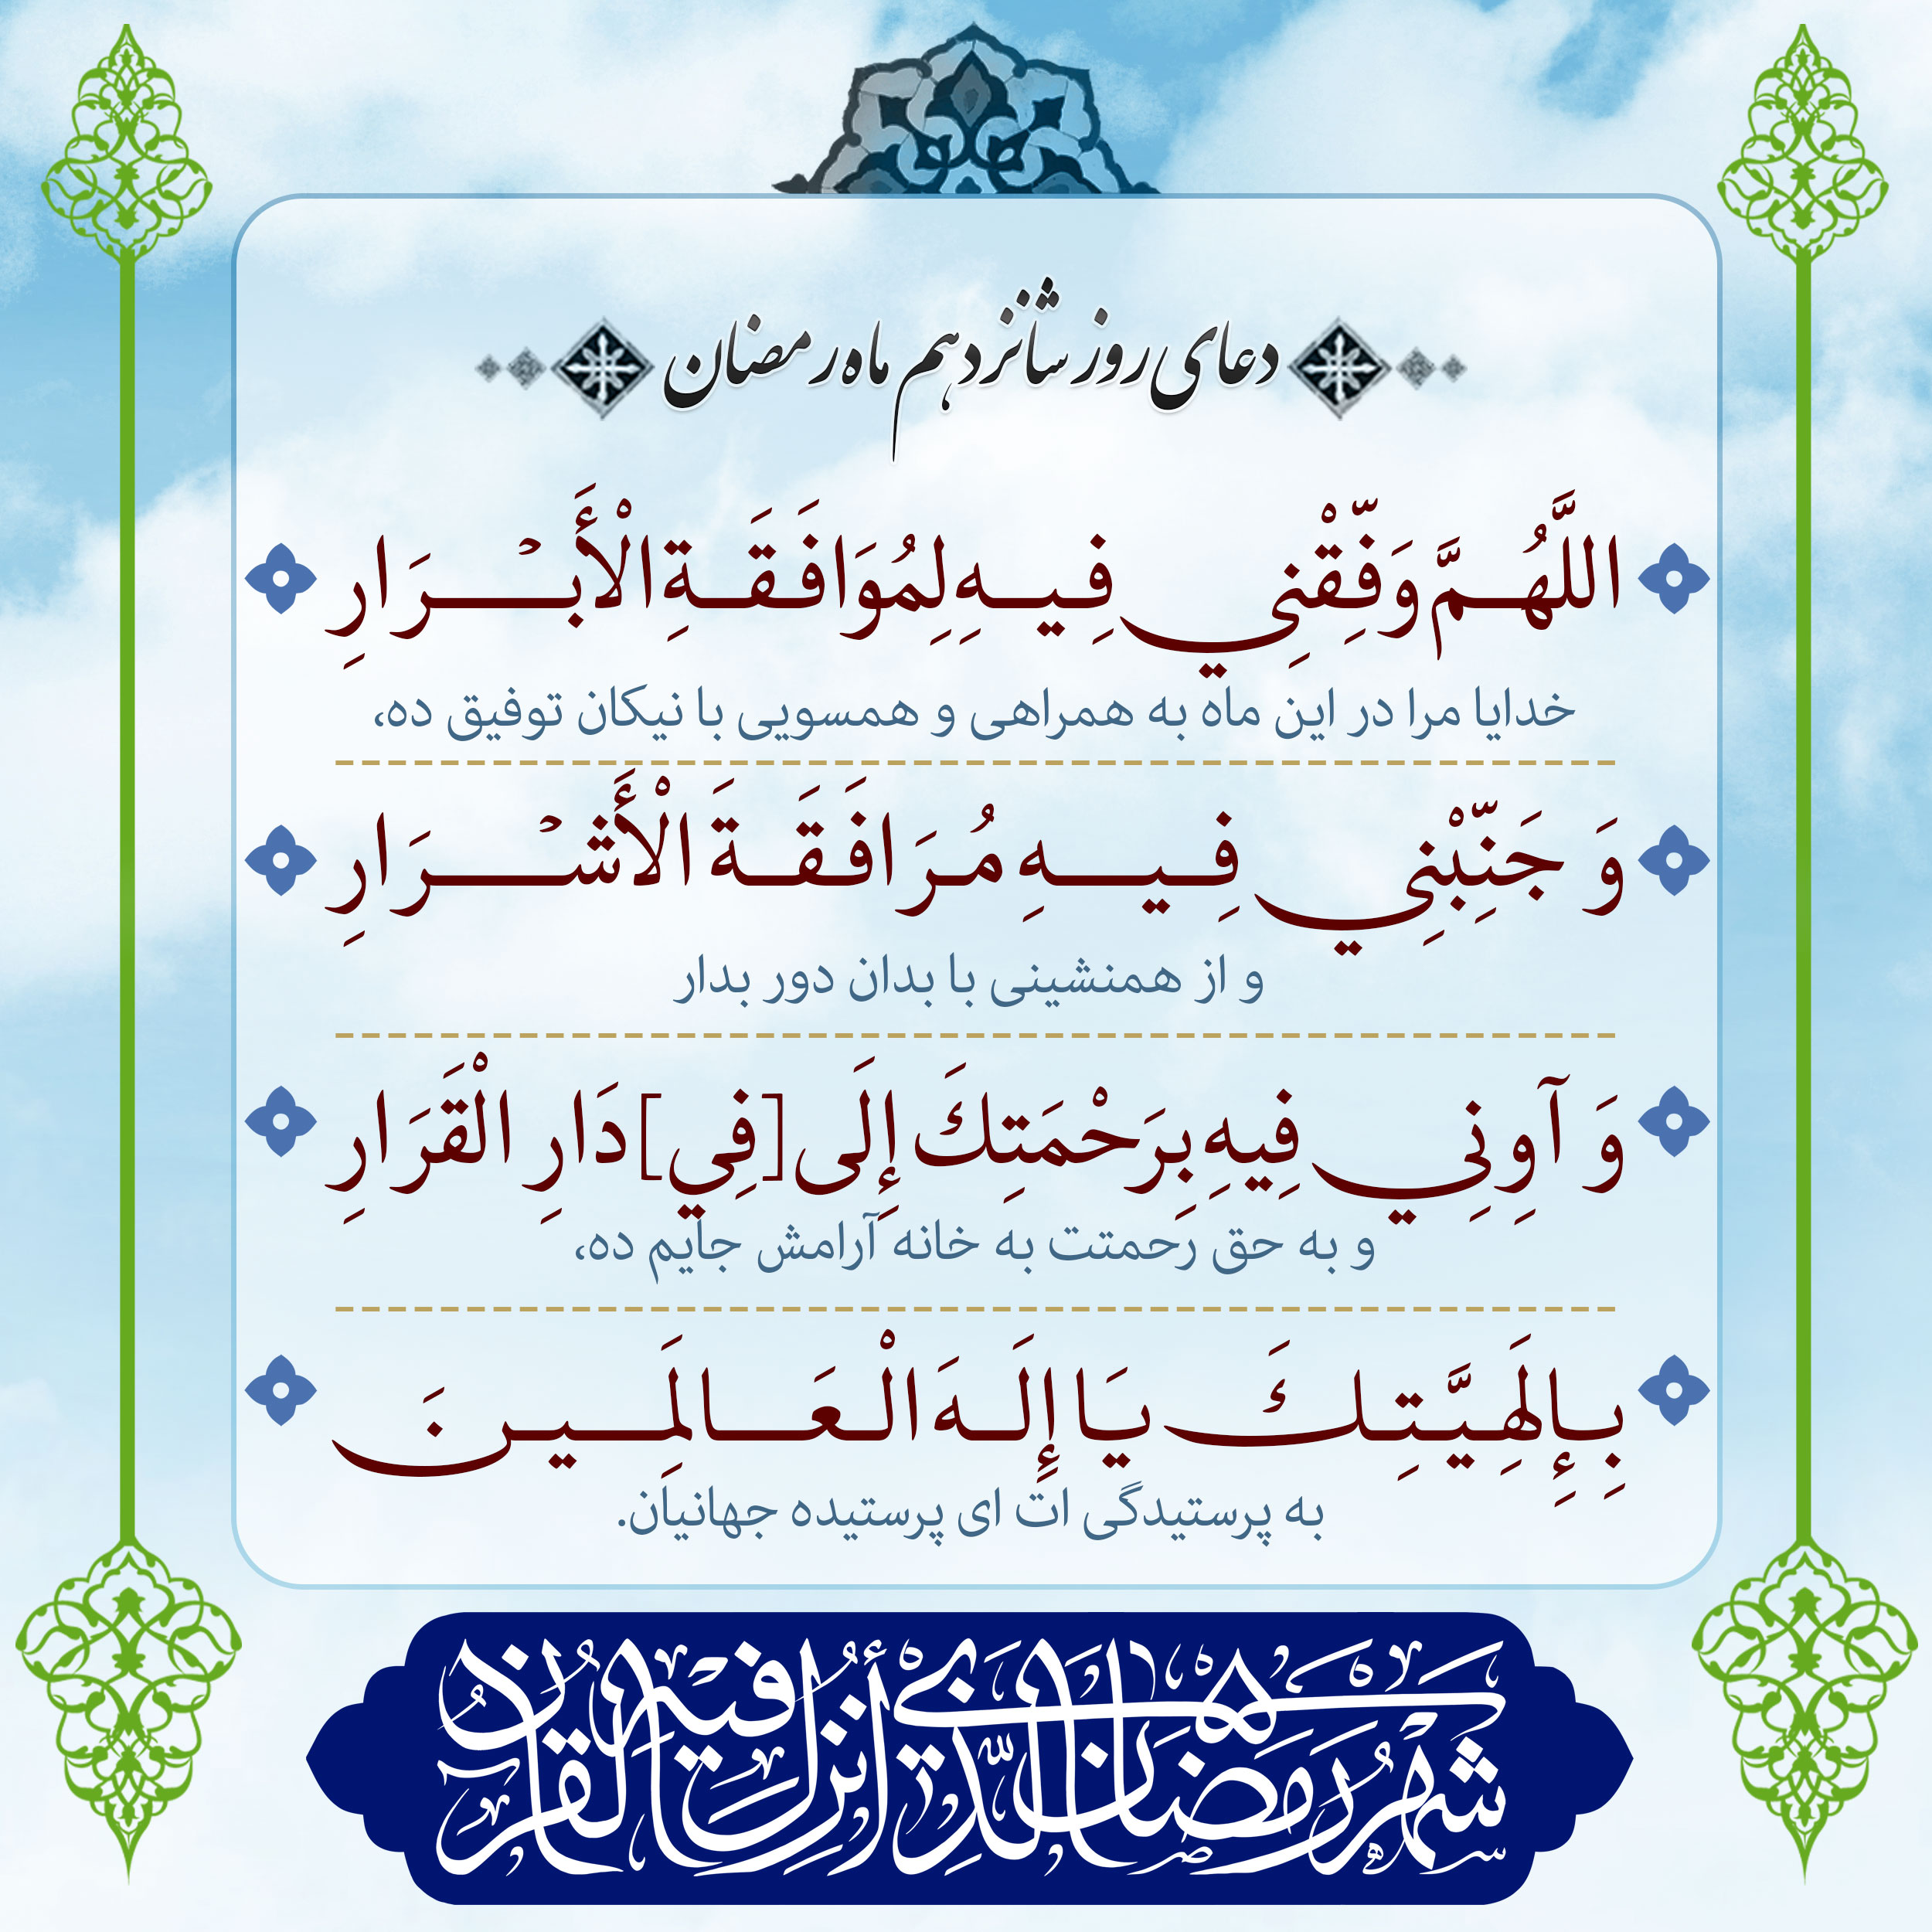 دعاهای روزهای ماه رمضان - دعای روز شانزدهم ماه مبارک رمضان